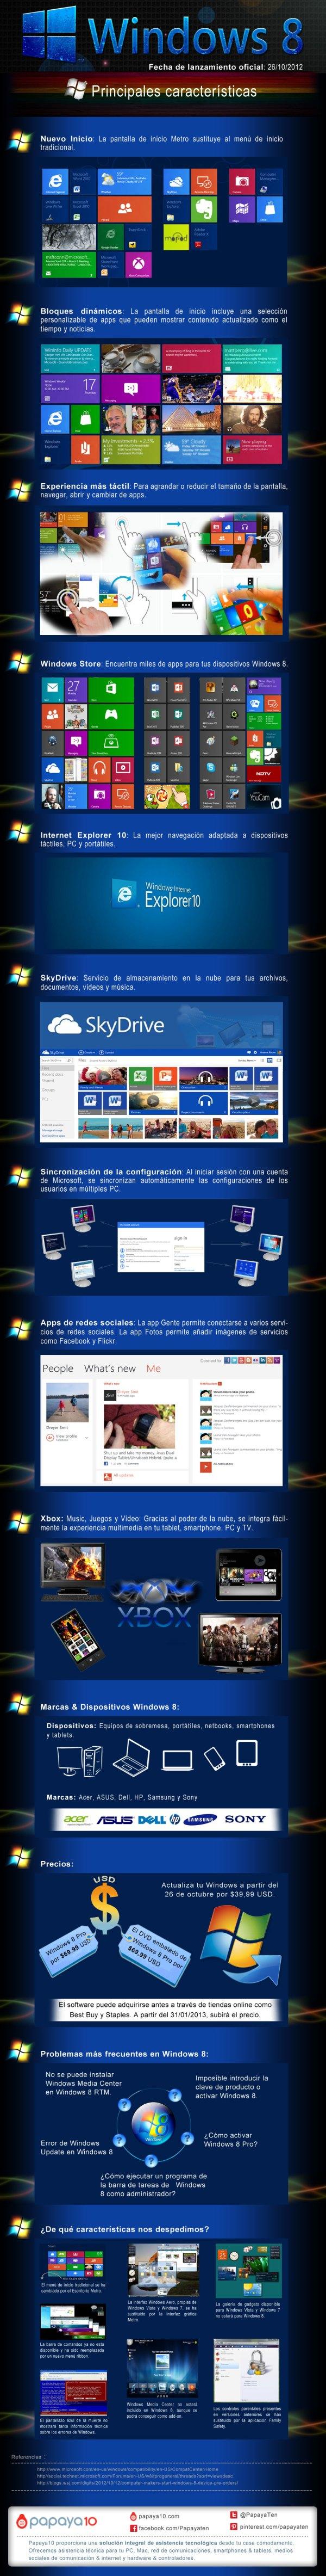 Las principales características de Windows 8 [Infografía] - win8-spanish